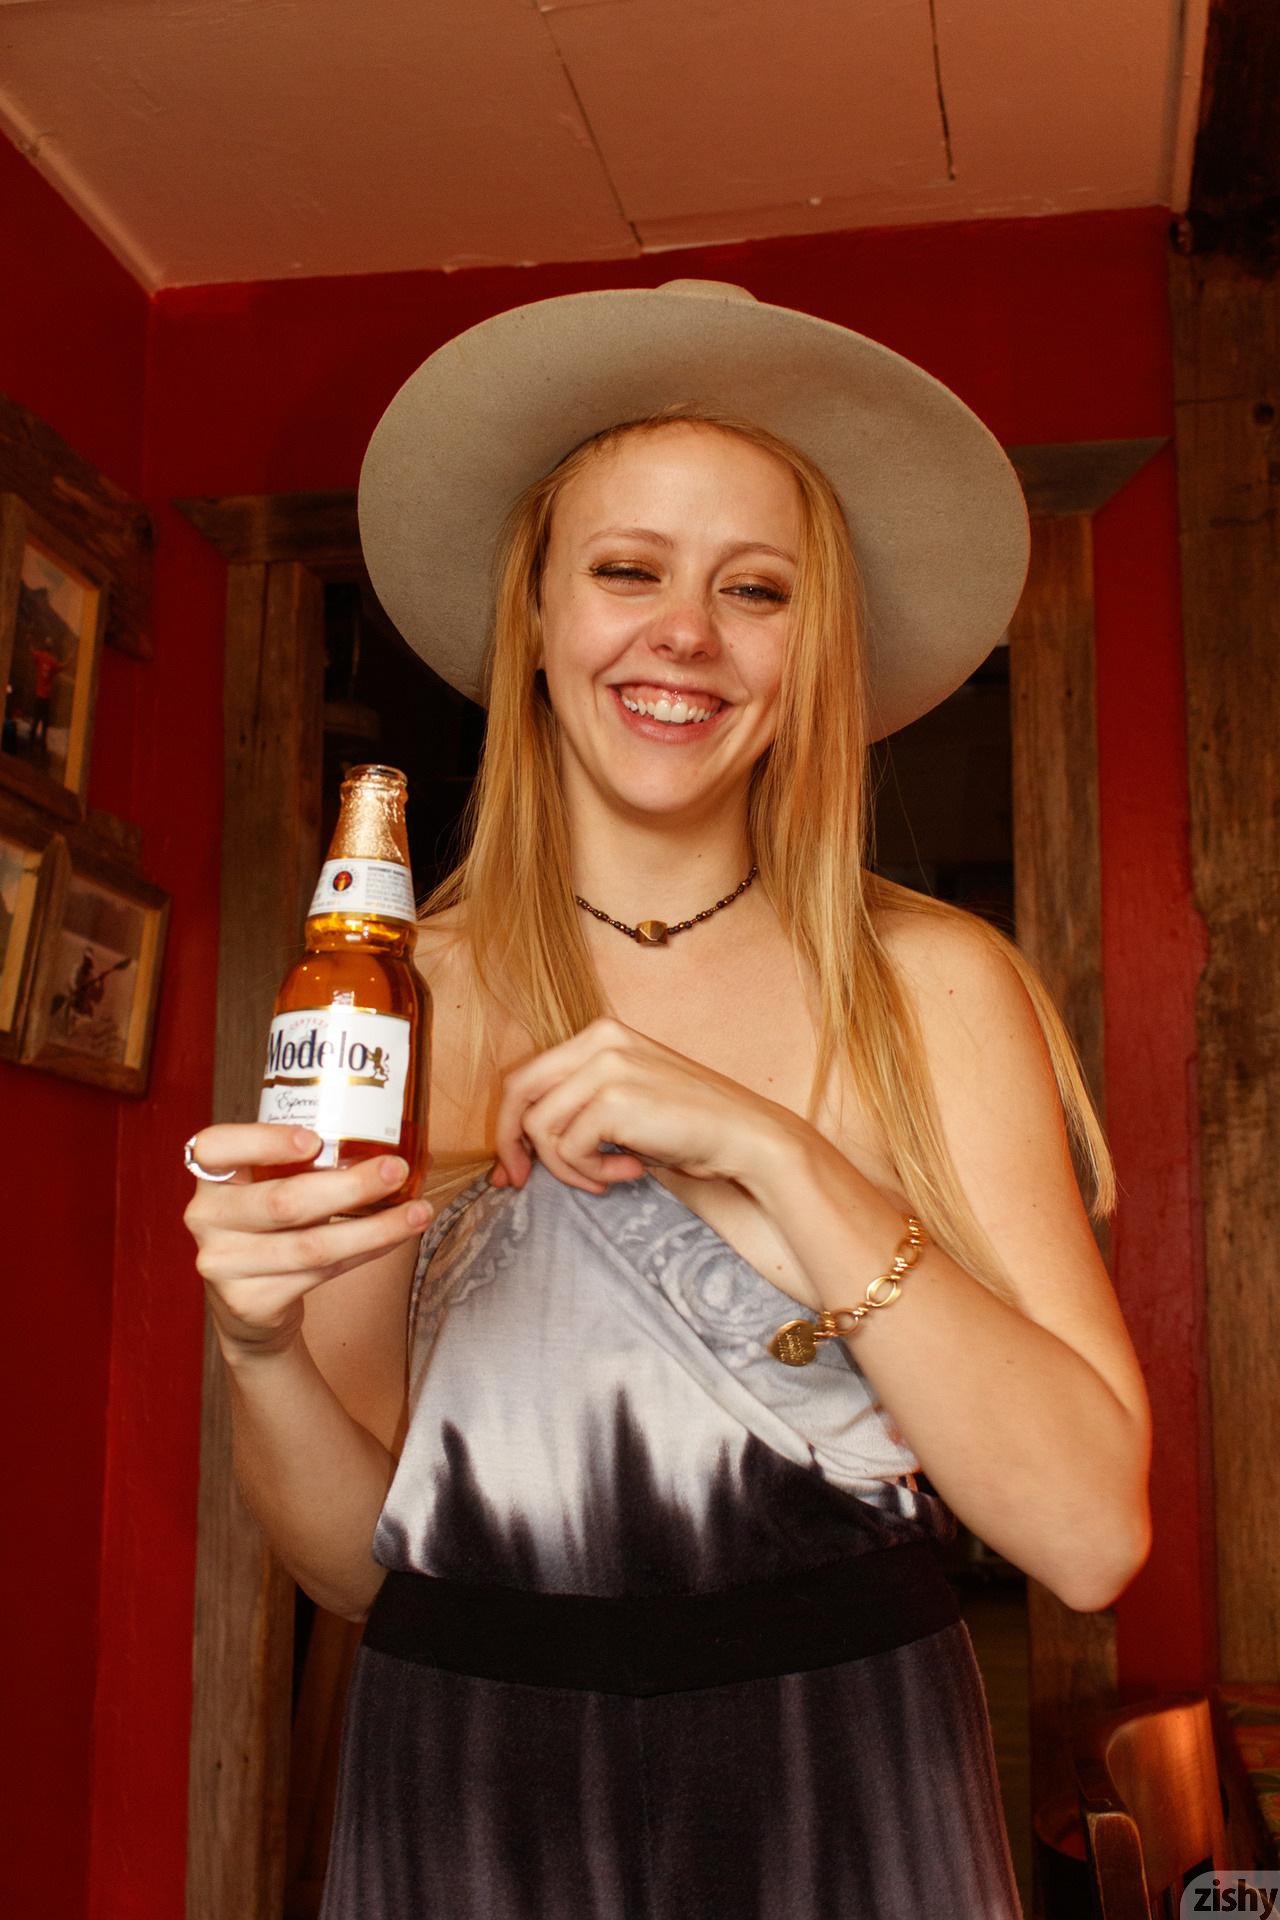 Helen Bergstrom Holy Guacamole Zishy (8)